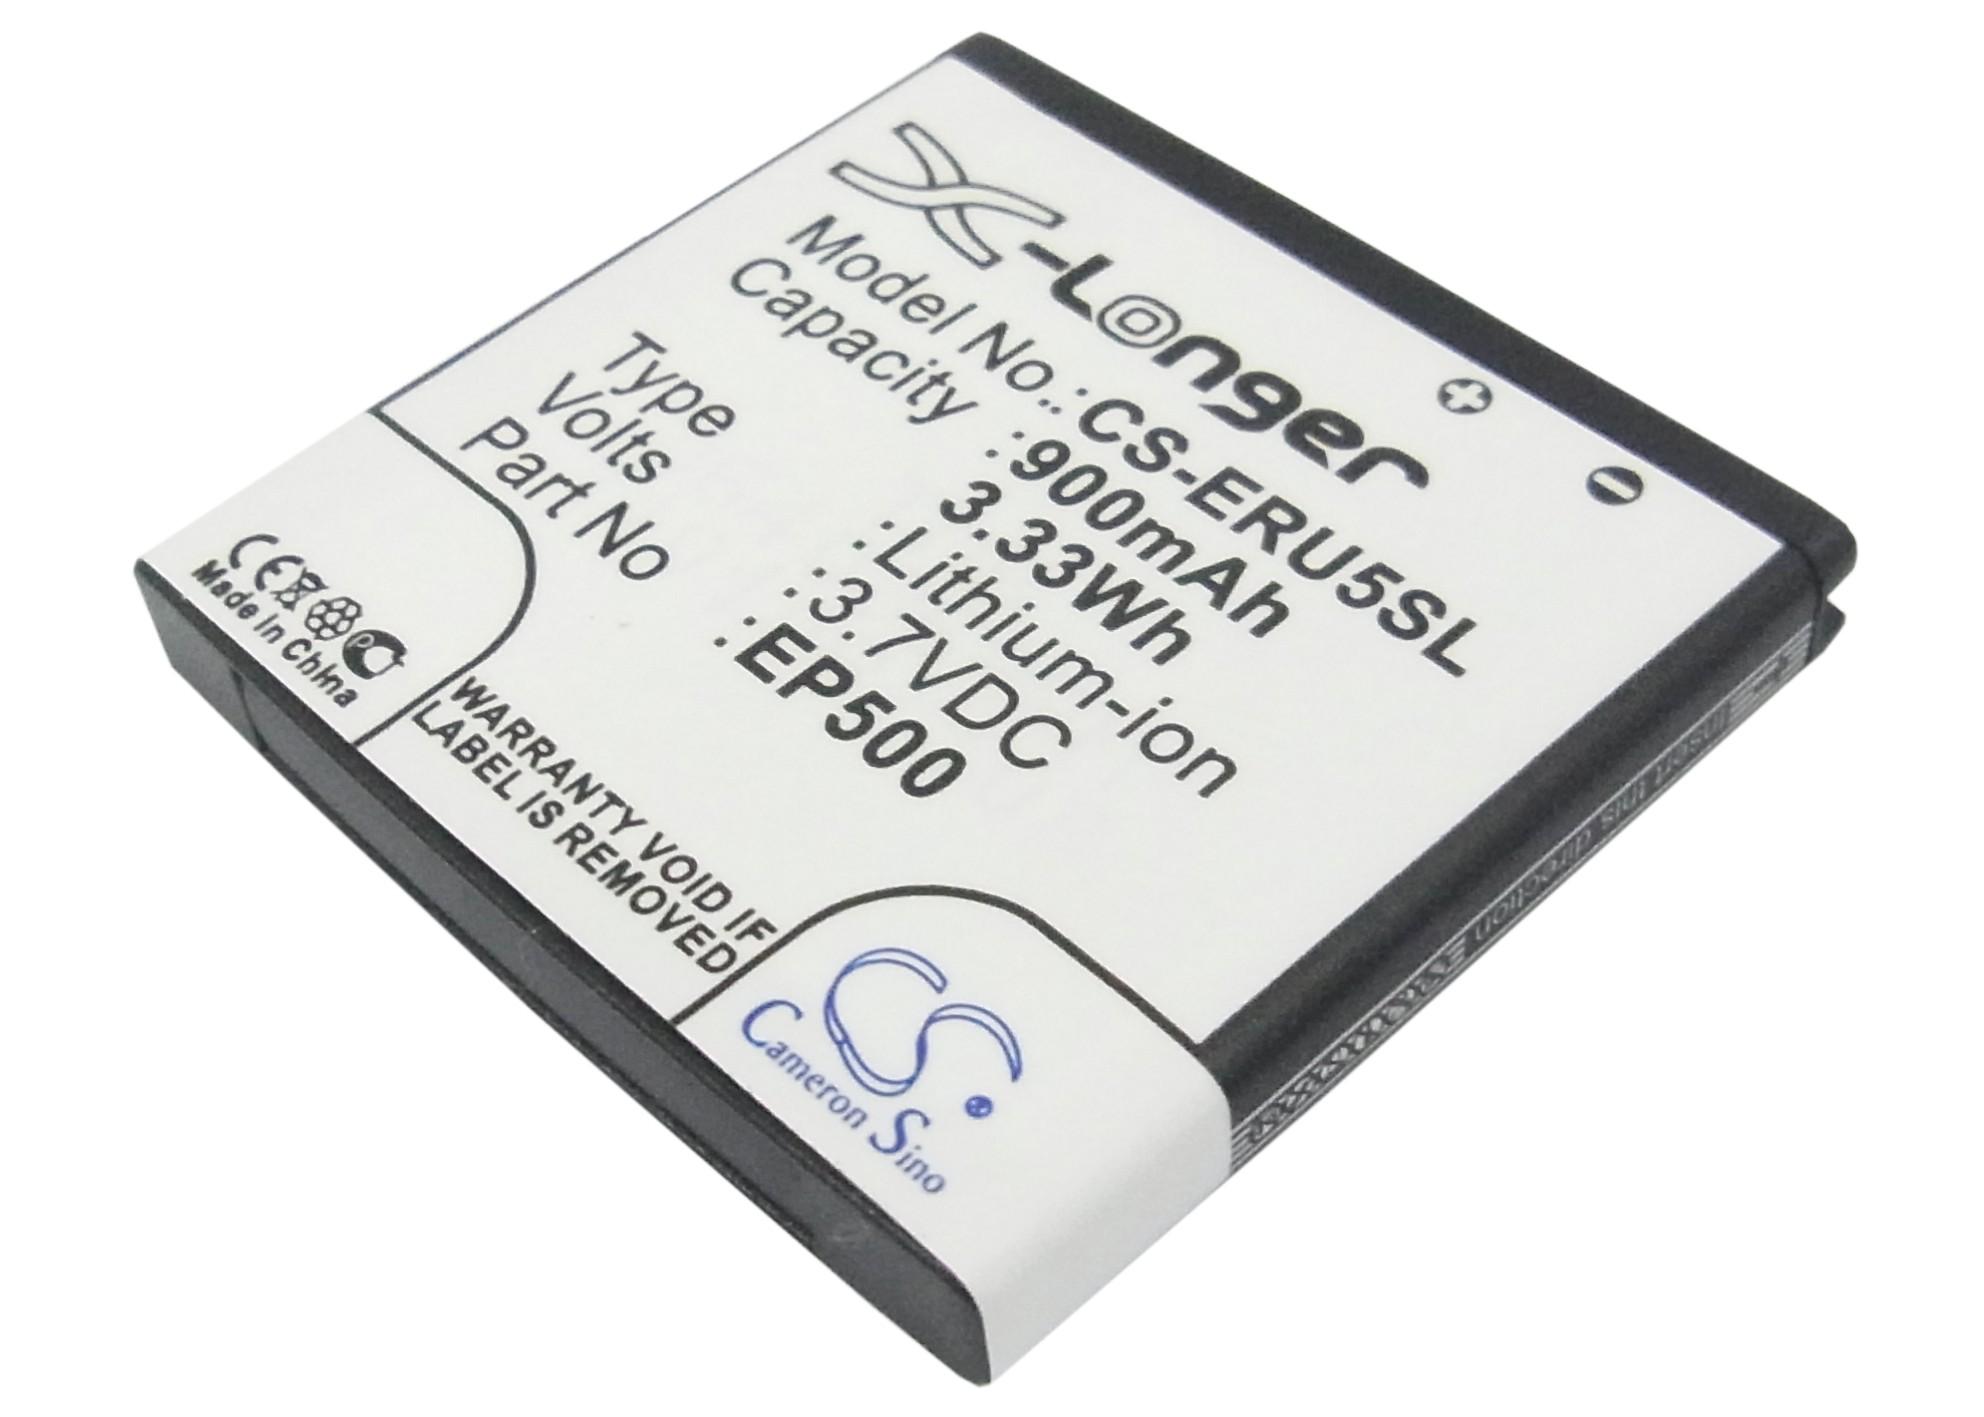 Cameron Sino baterie do mobilů pro SONY ERICSSON ST15I 3.7V Li-ion 900mAh černá - neoriginální